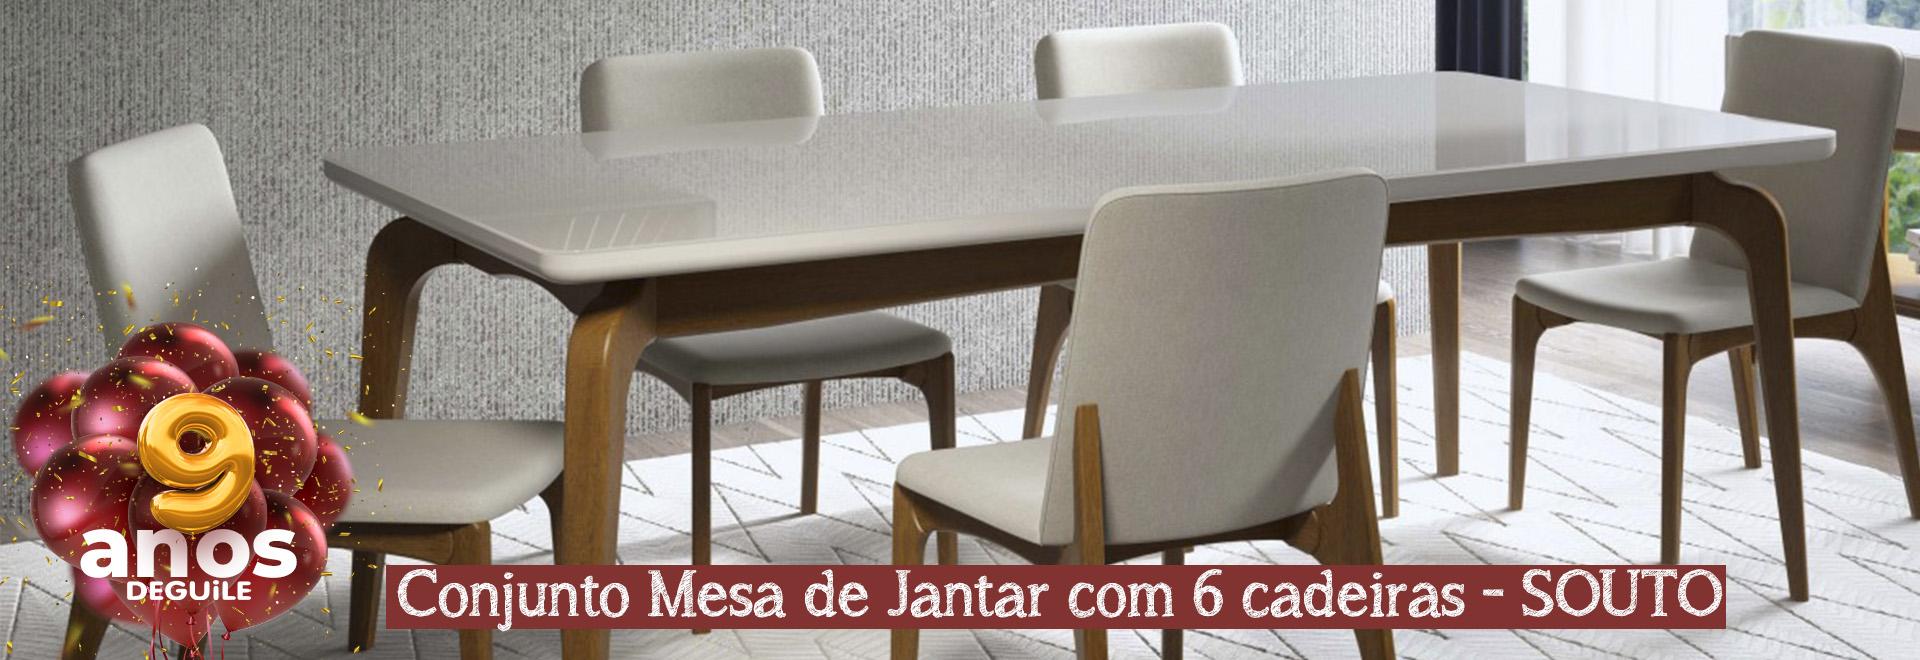 Conjunto Mesa de Jantar com 6 cadeiras - SOUTO